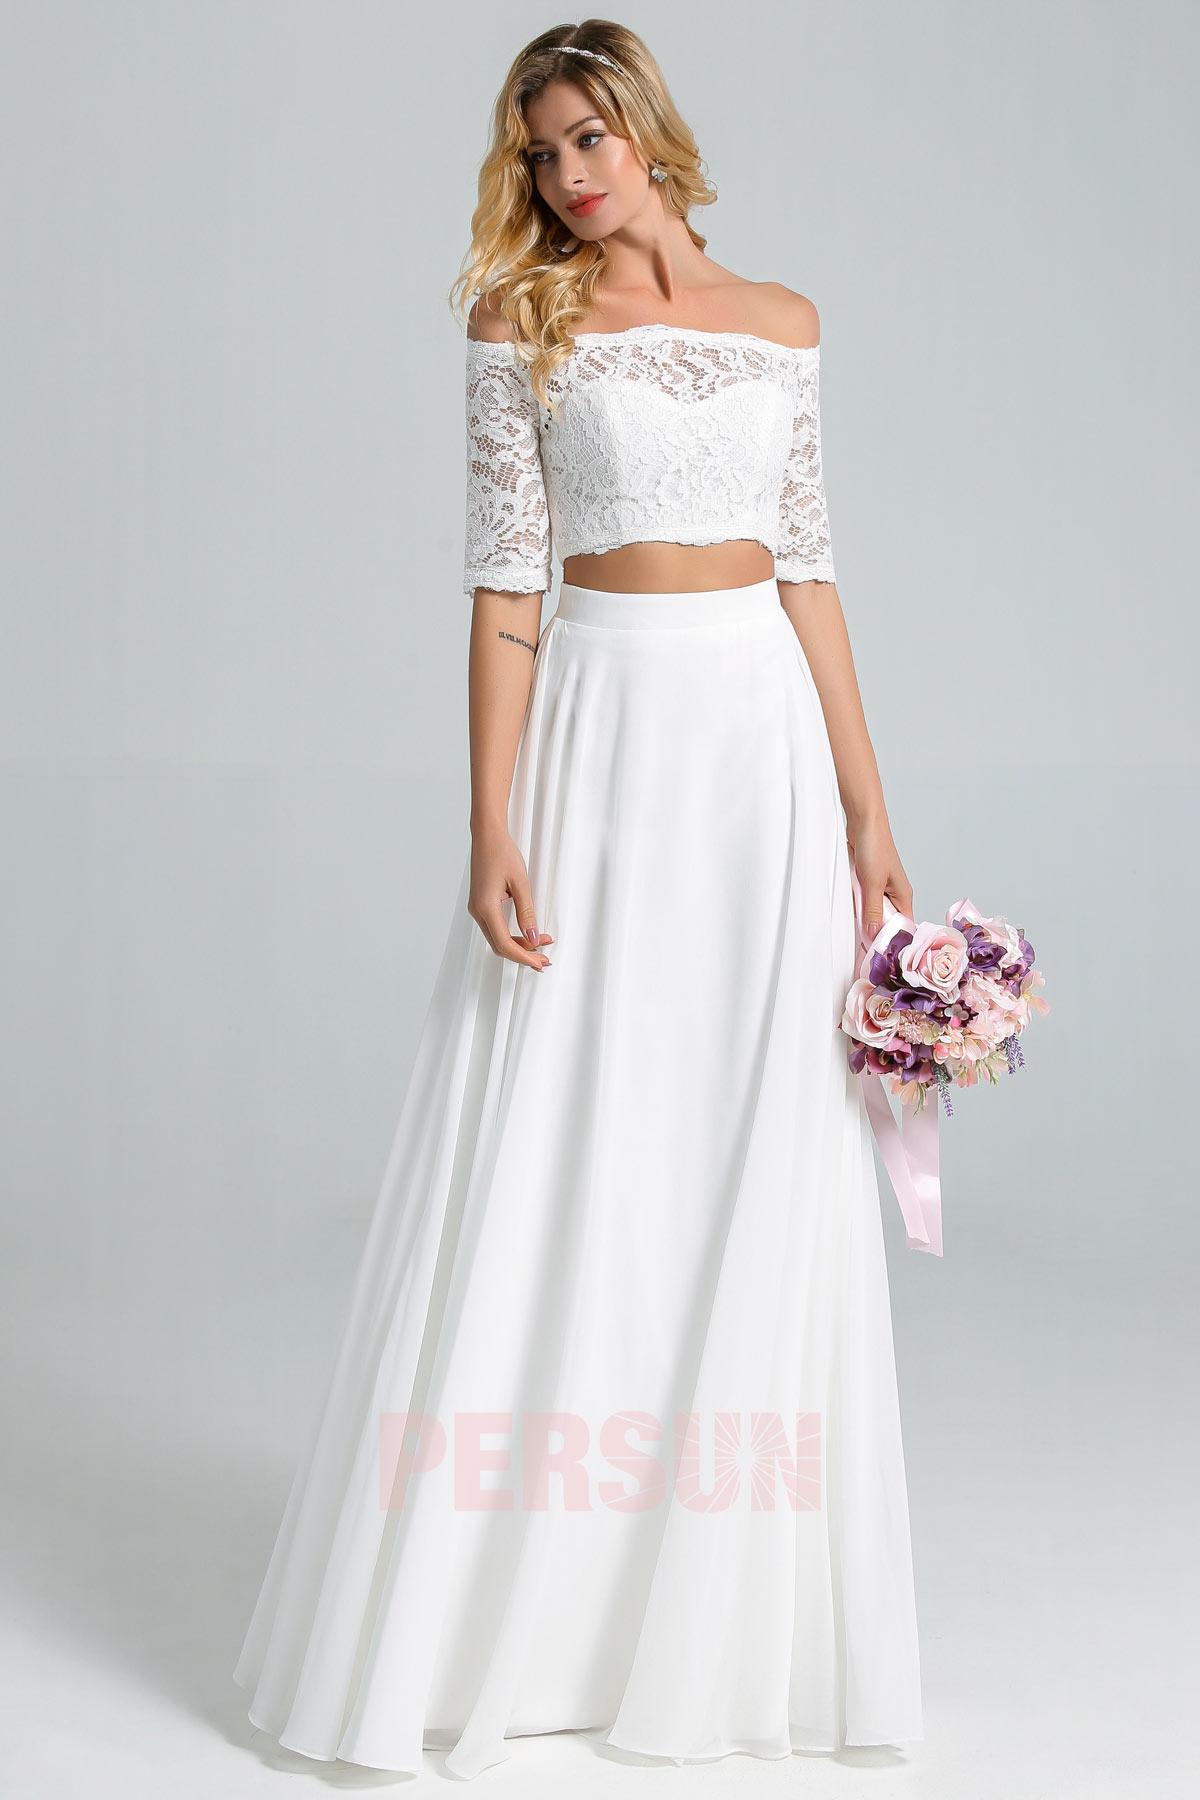 robe de mariage 2 pièce haut en dentelle col bardot manche courte